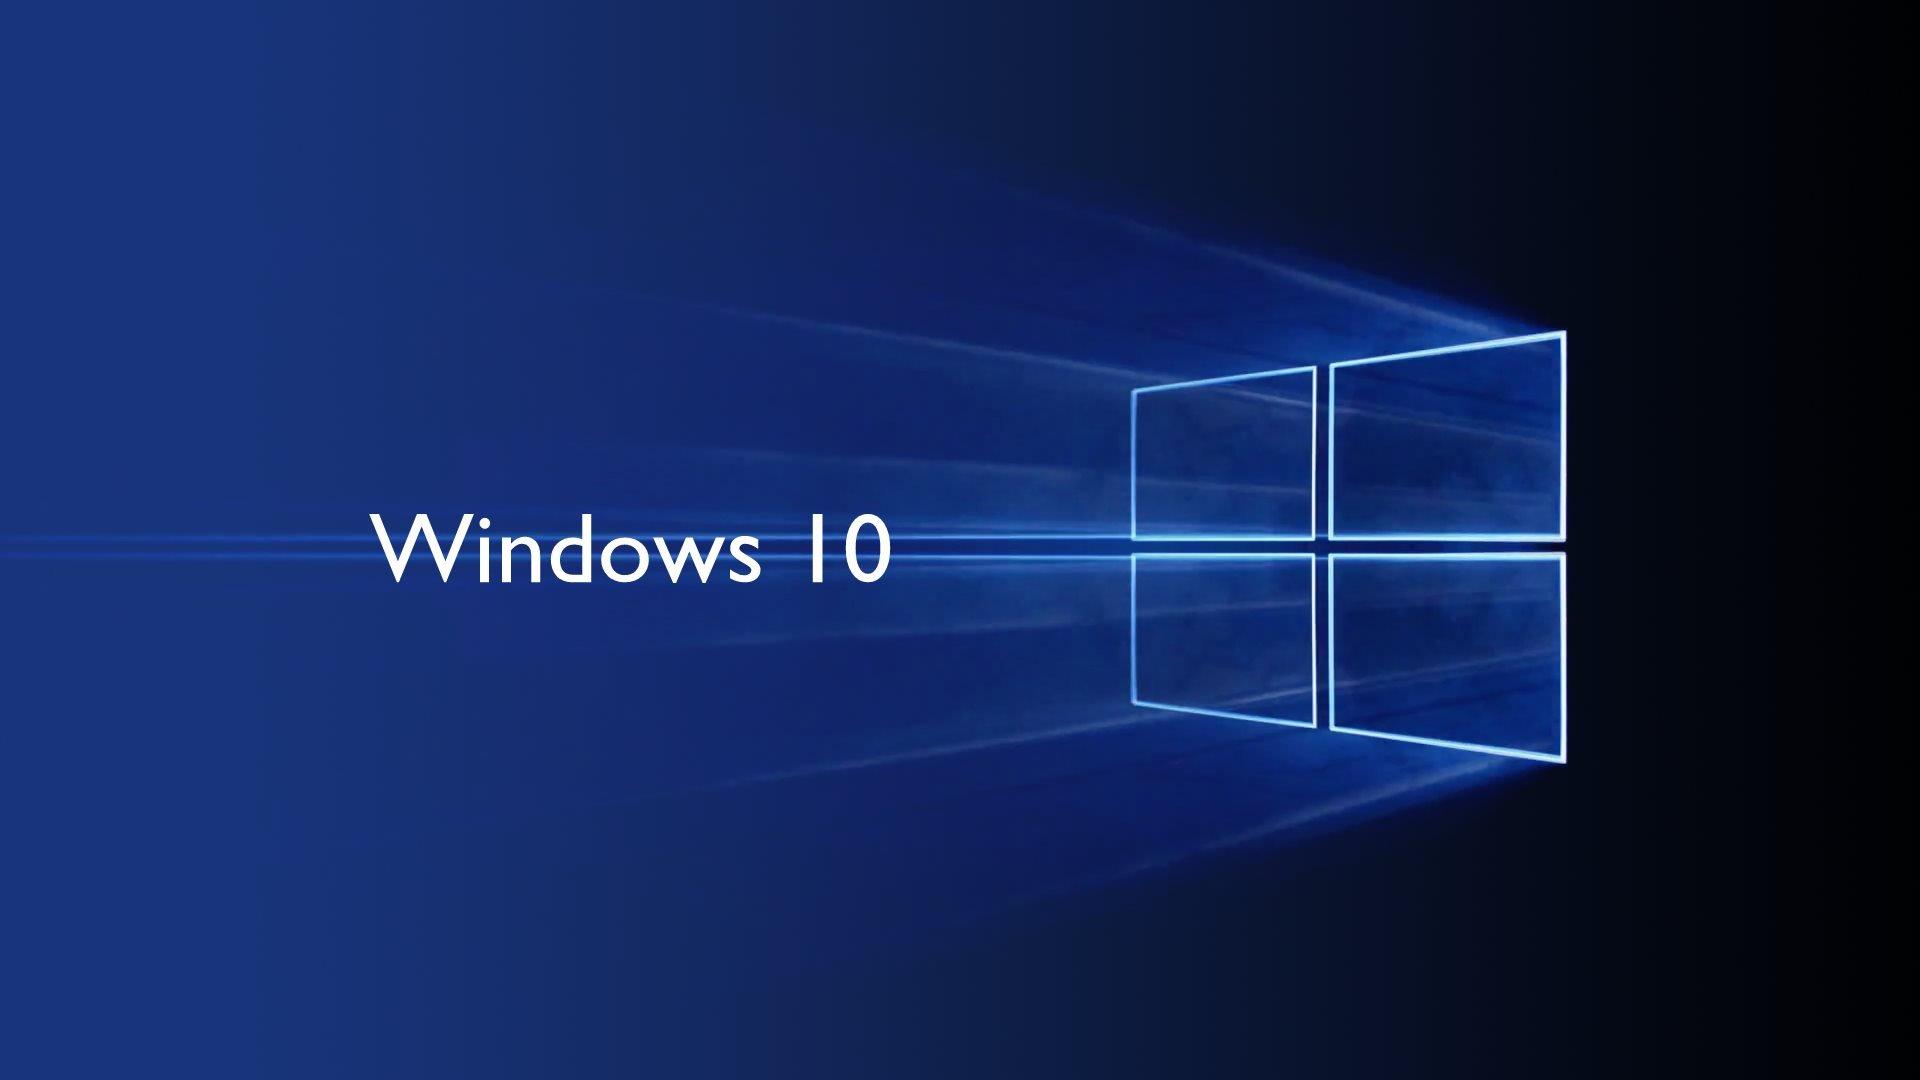 كيف تقوم بإضافة أيقونات سطح المكتب في ويندوز 10 بسهولة